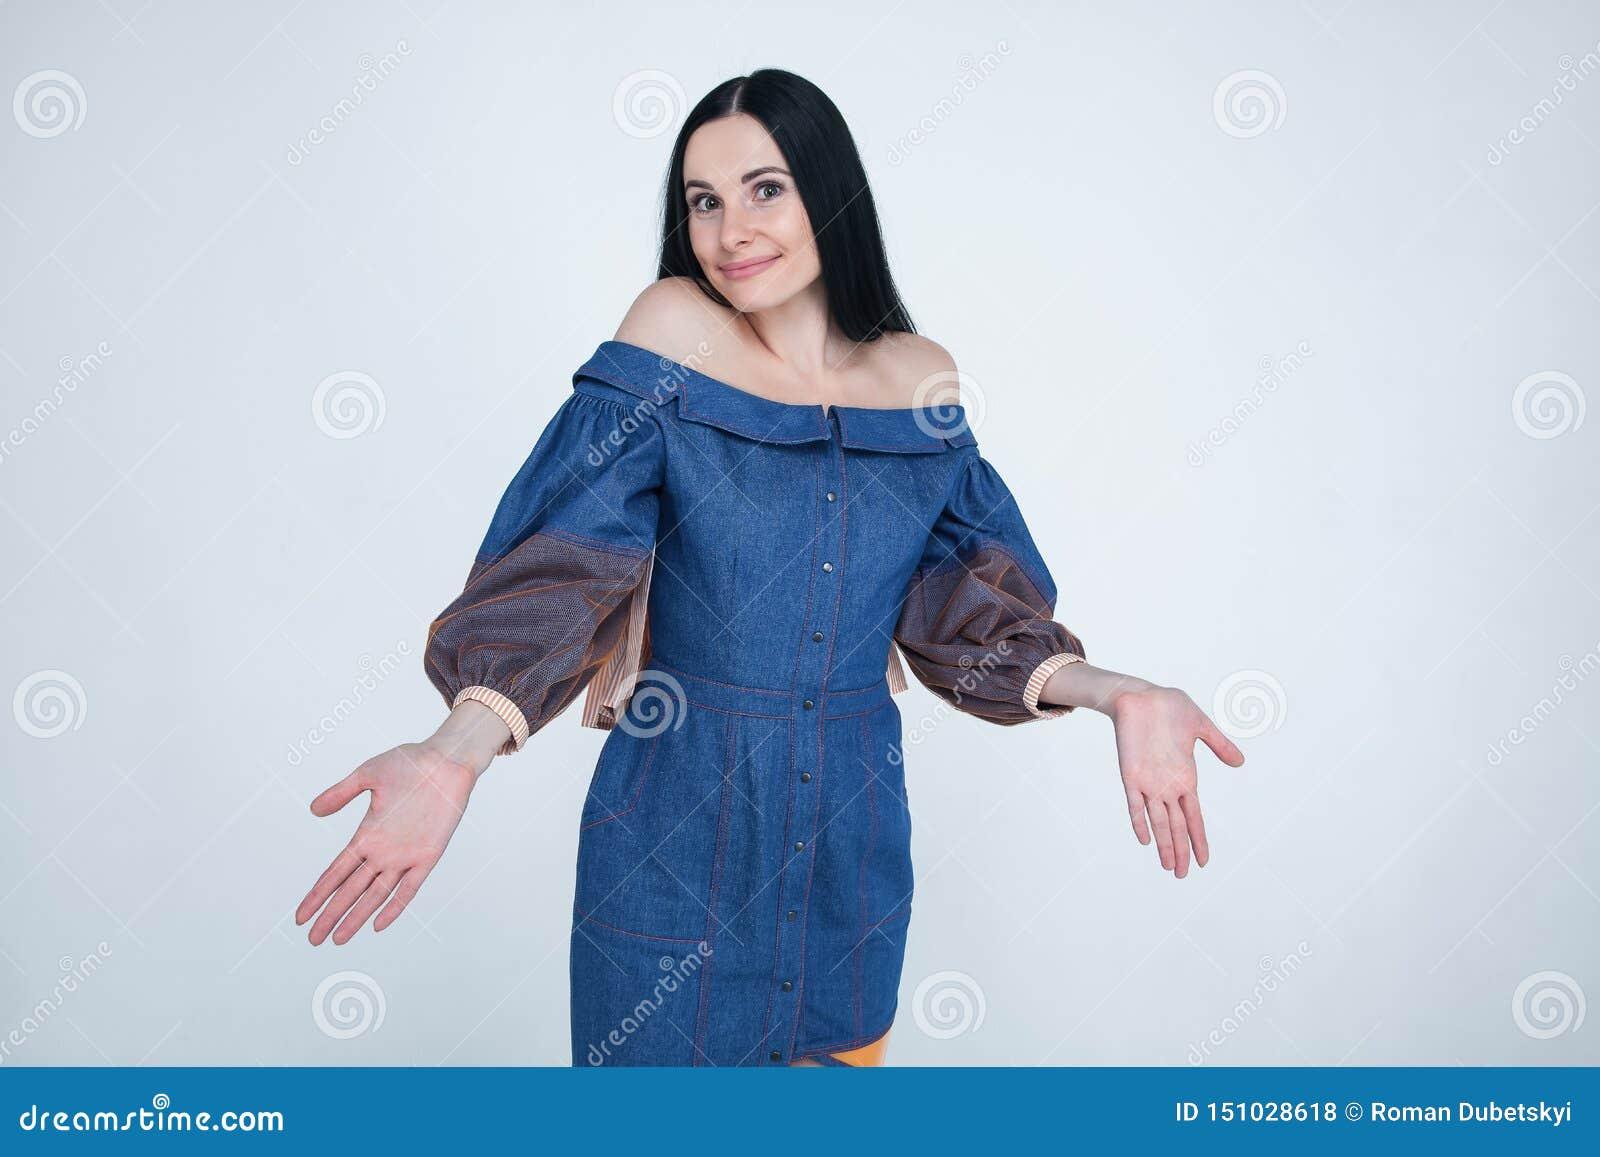 Незнающая сомнительная женщина распространяет руки, поднимает брови с неуверенностью, одетой в стильном обмундировании, чувствует